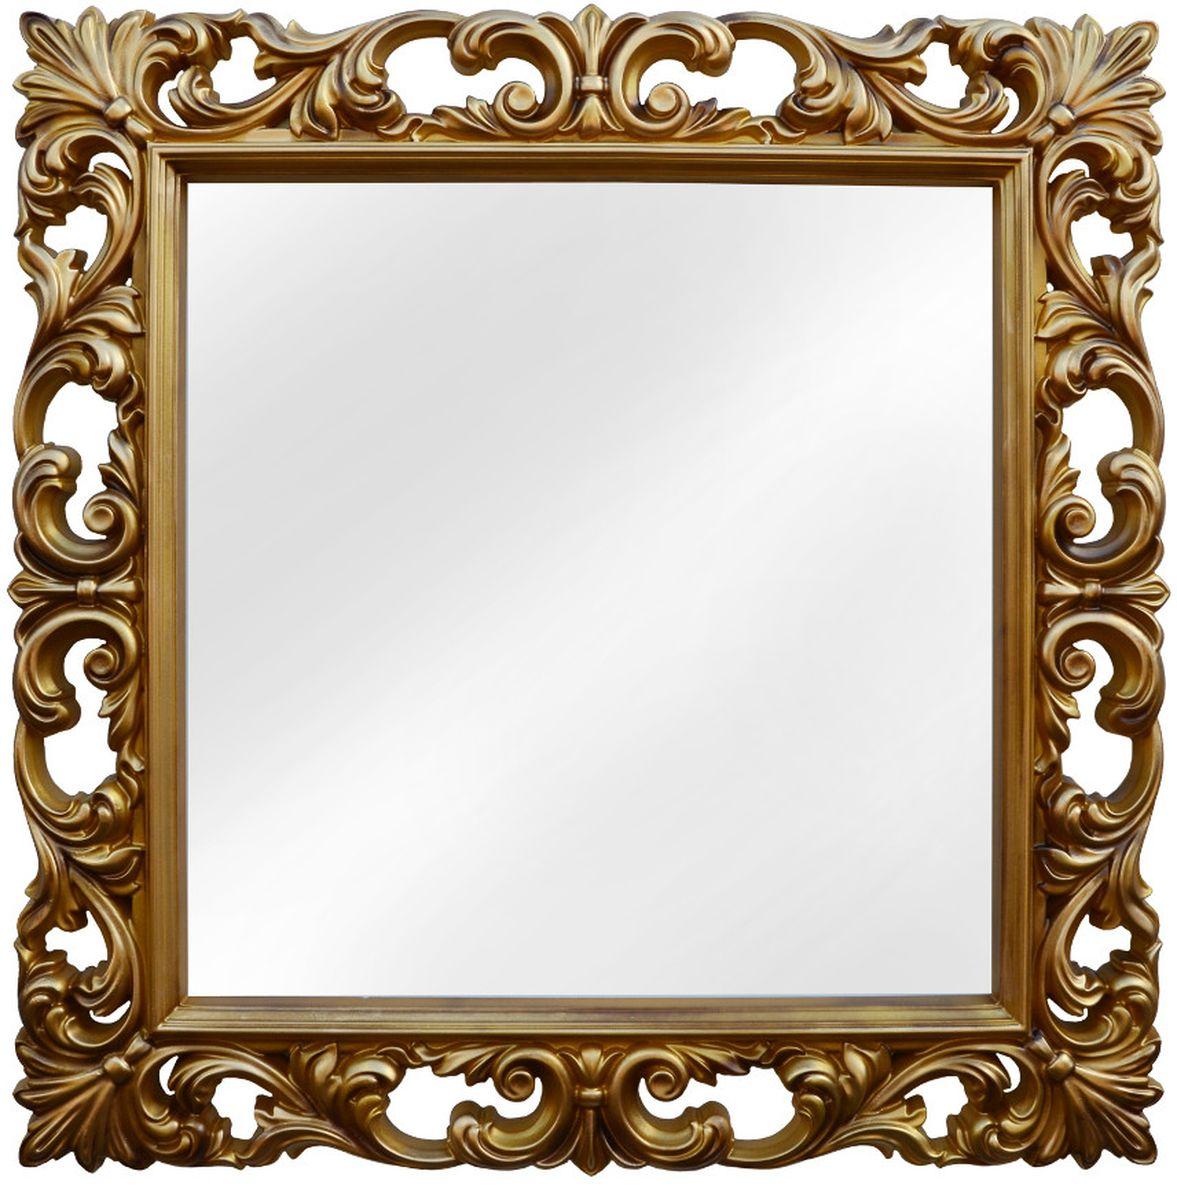 Зеркало VezzoLLi Нованто, цвет: золотой, 90 х 90 смFS-91909Подвесы в комплекте. Видимый размер зеркала 63х63 см. Ширина обрамления 13,5 см.